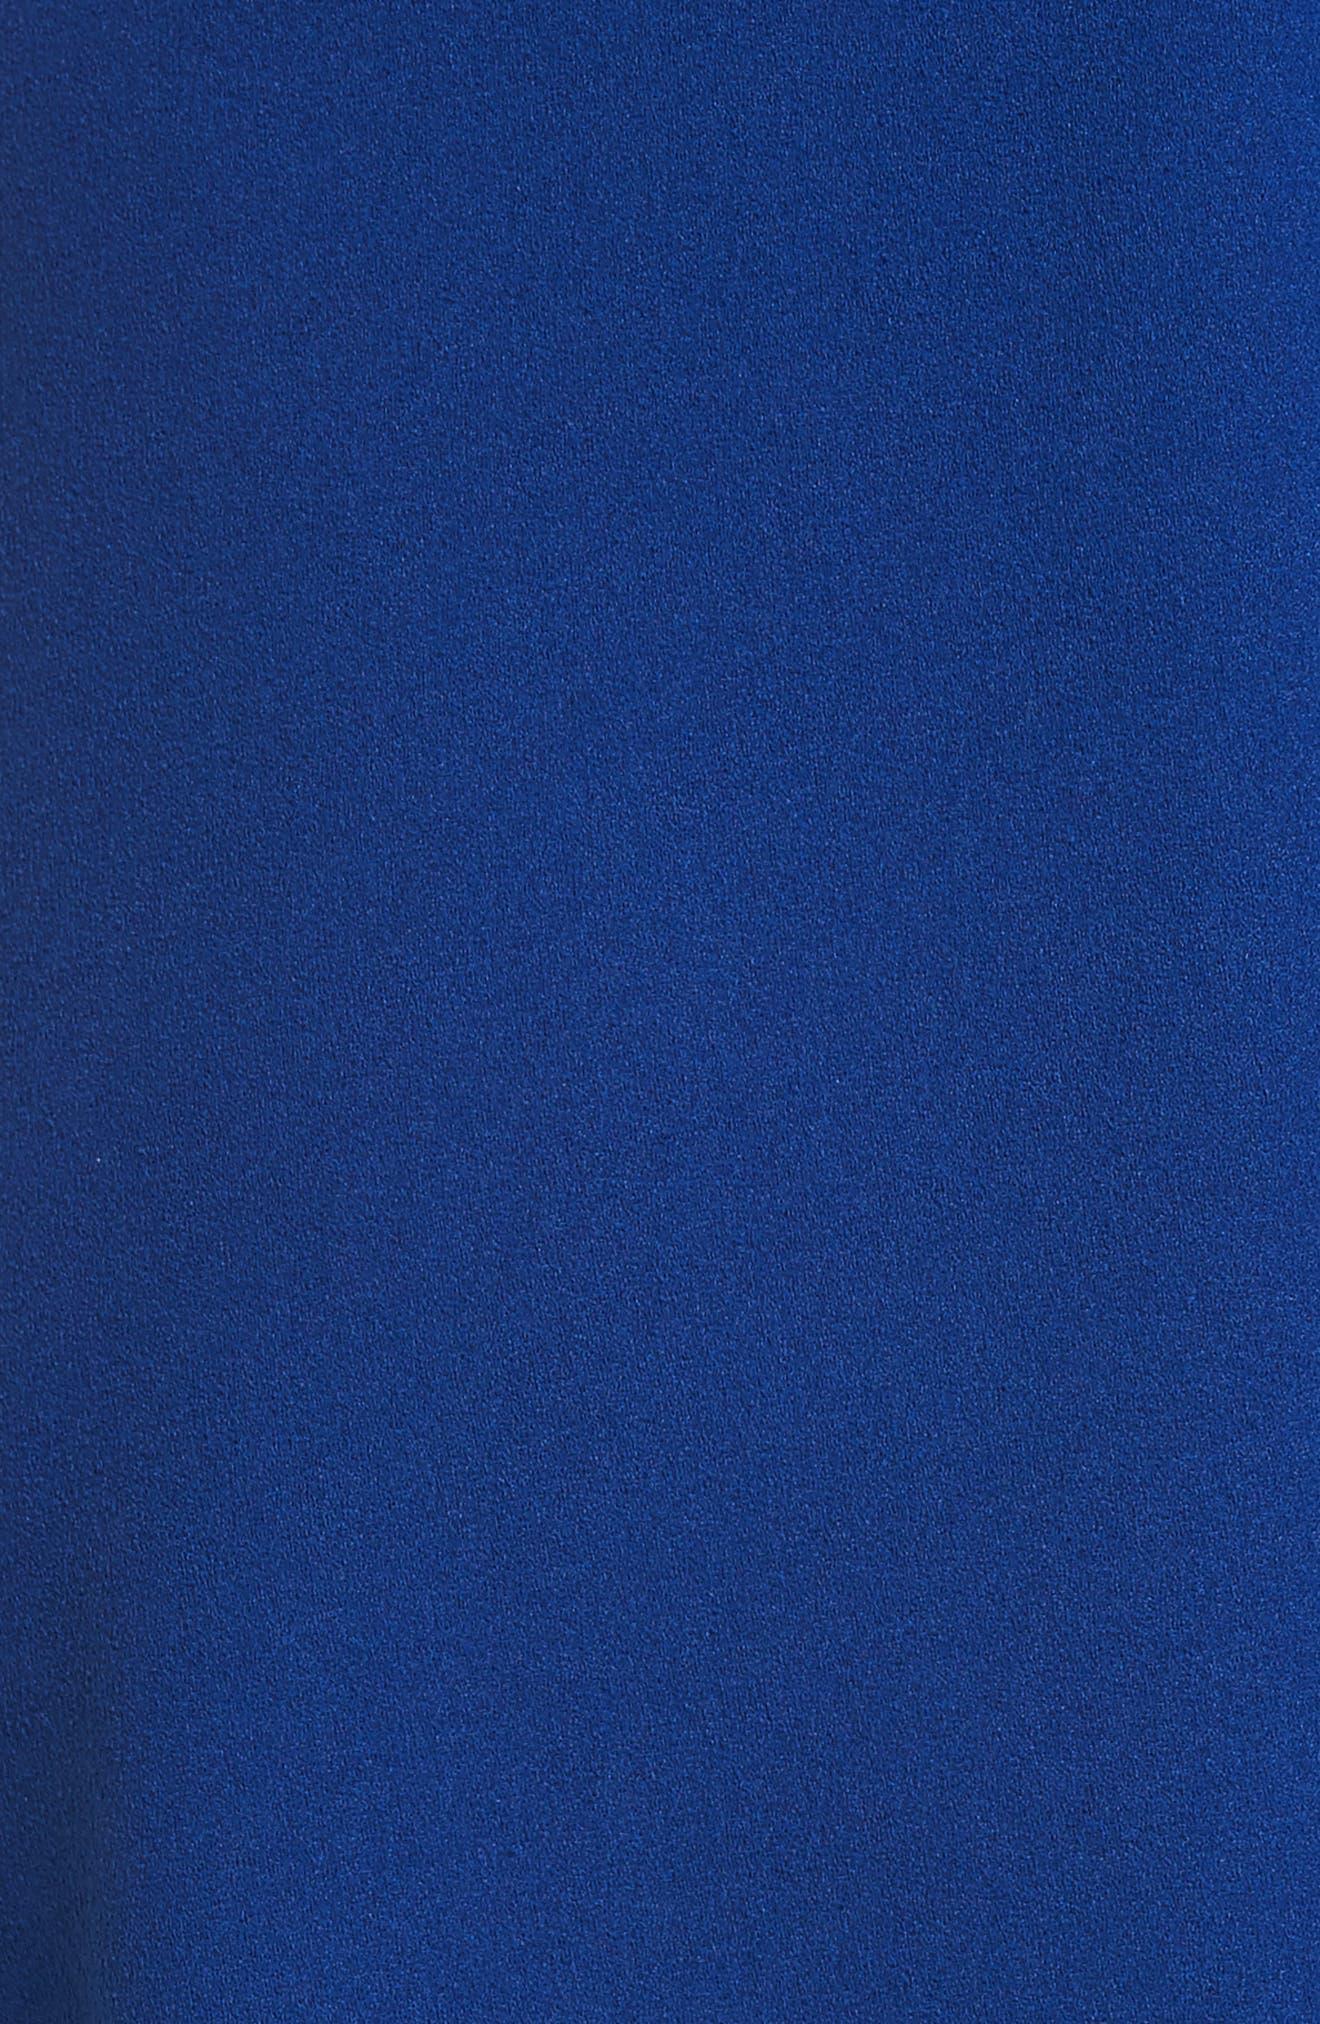 Midi Dress,                             Alternate thumbnail 5, color,                             415